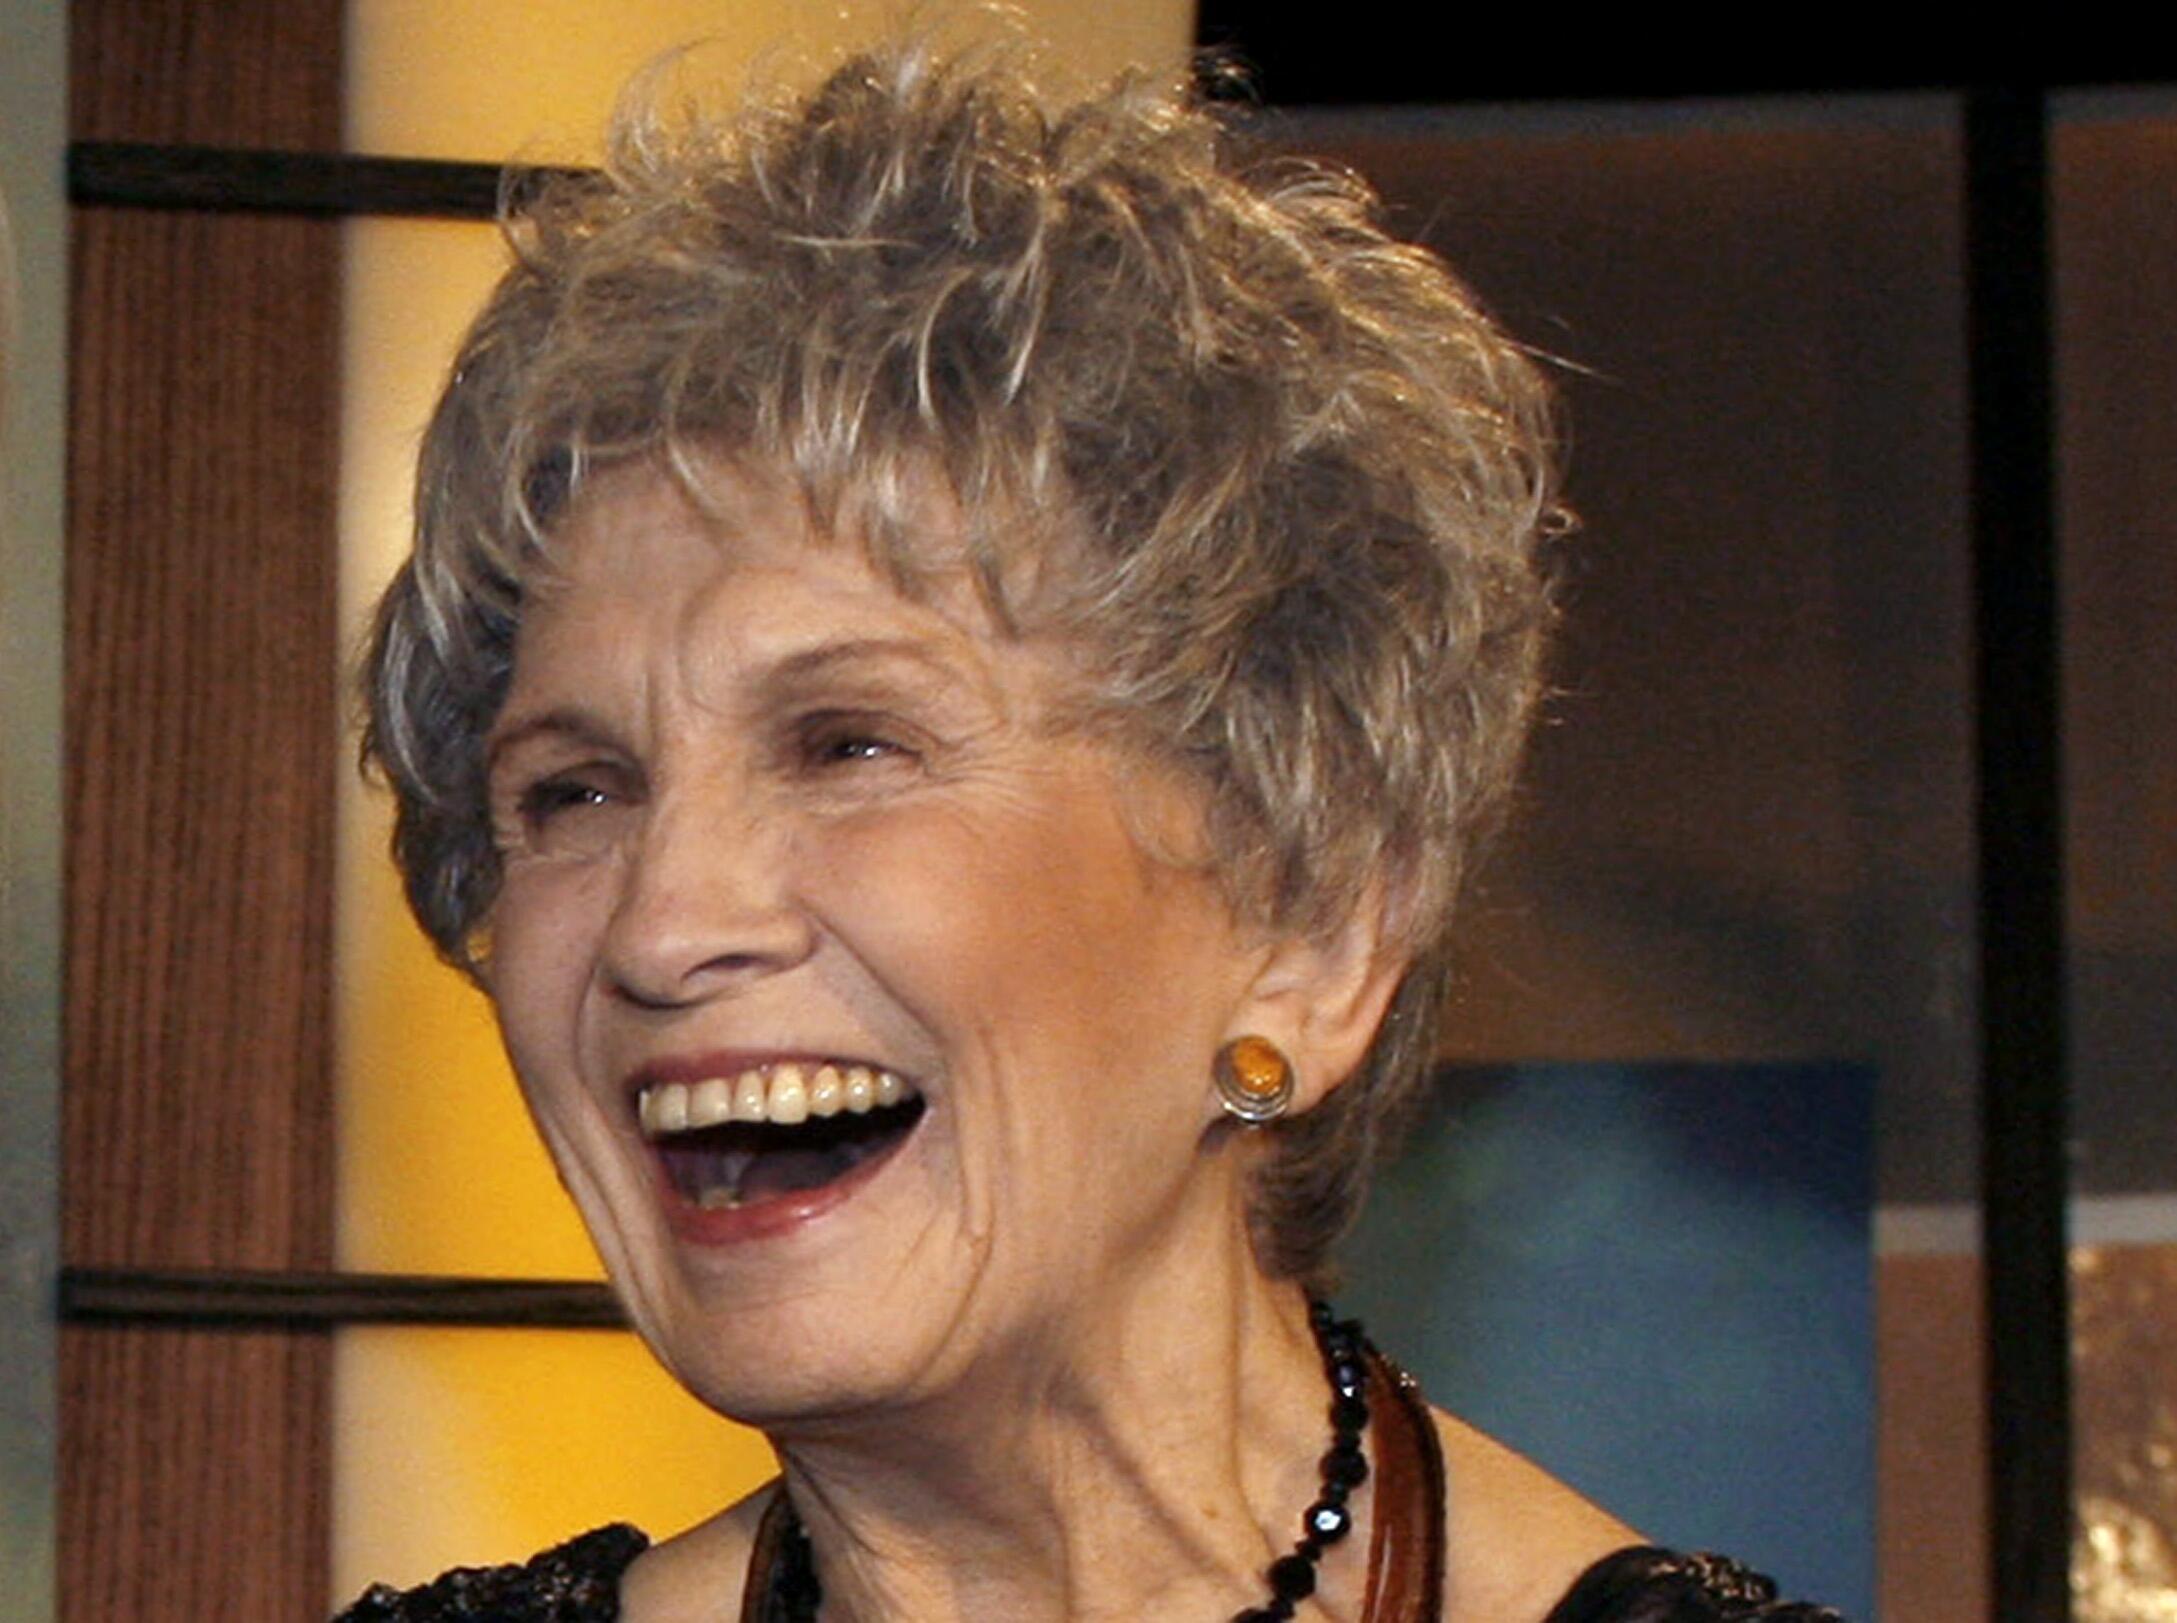 Nhà văn Canada Alice Munro giành giải Nobel Văn học 2013. Ảnh chụp trong một sự kiện tại Toronto, Canada 2007.